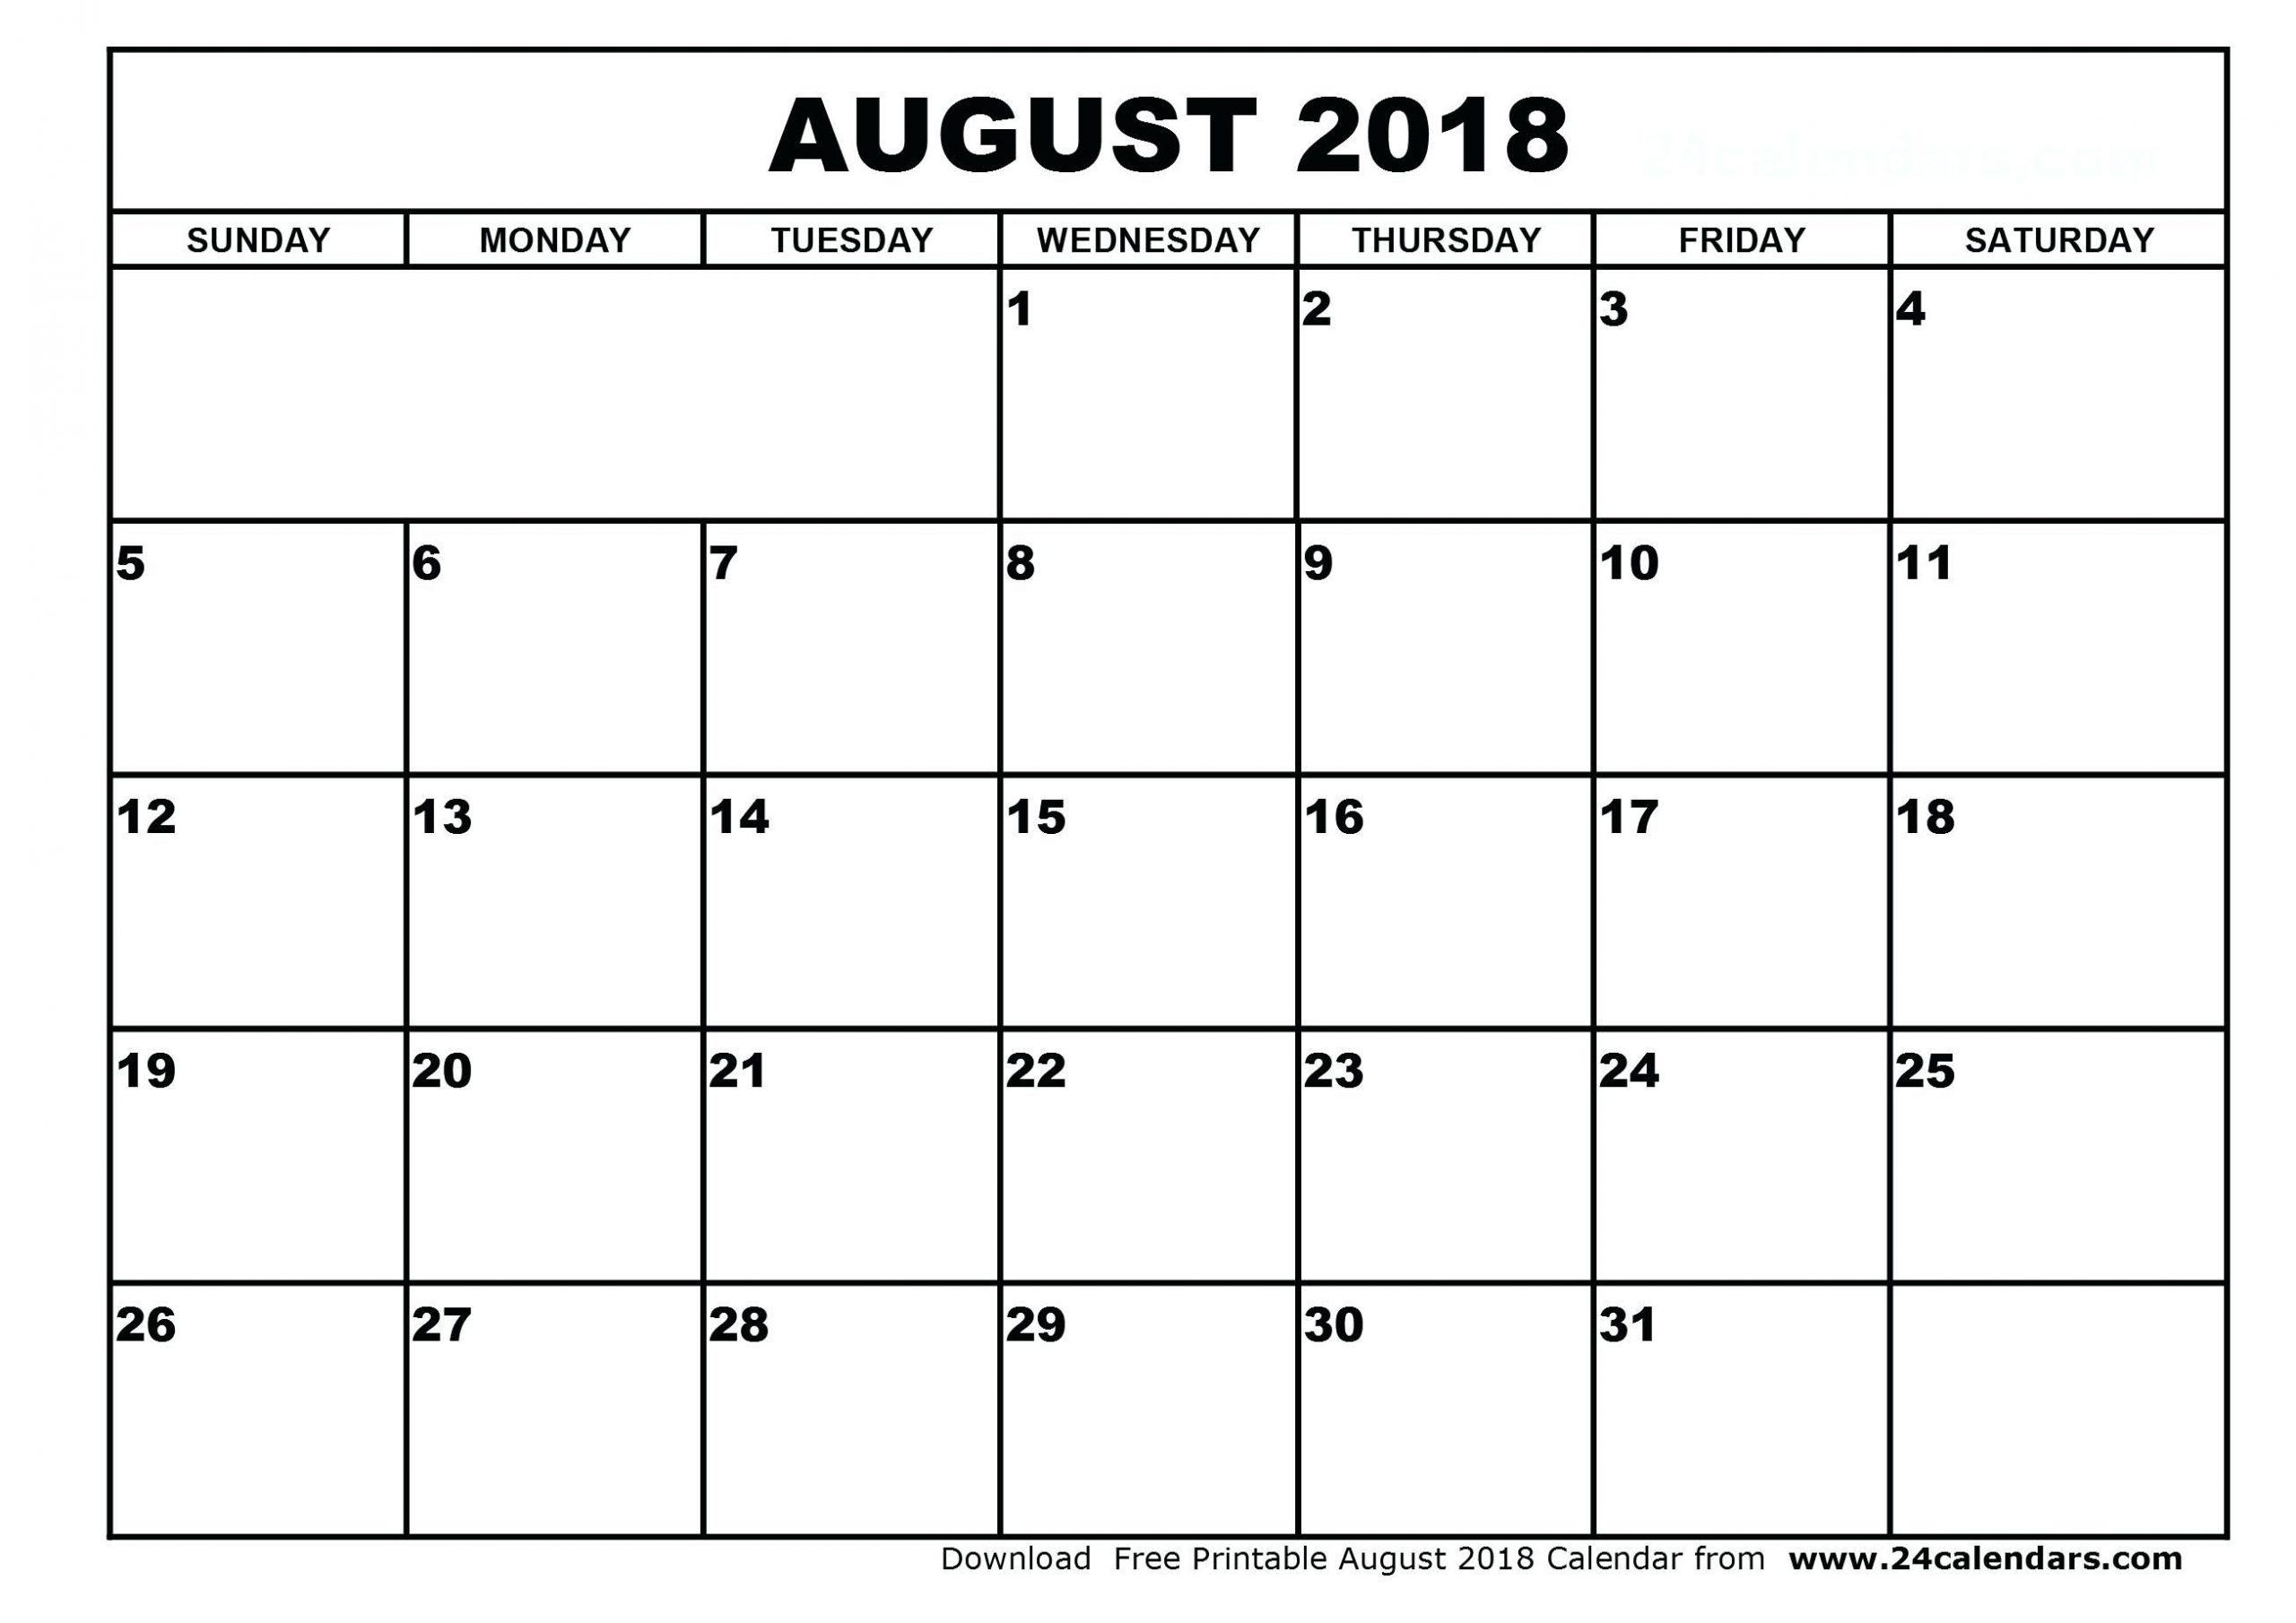 Calendar Template By Vertex42 In 2020 | August Calendar